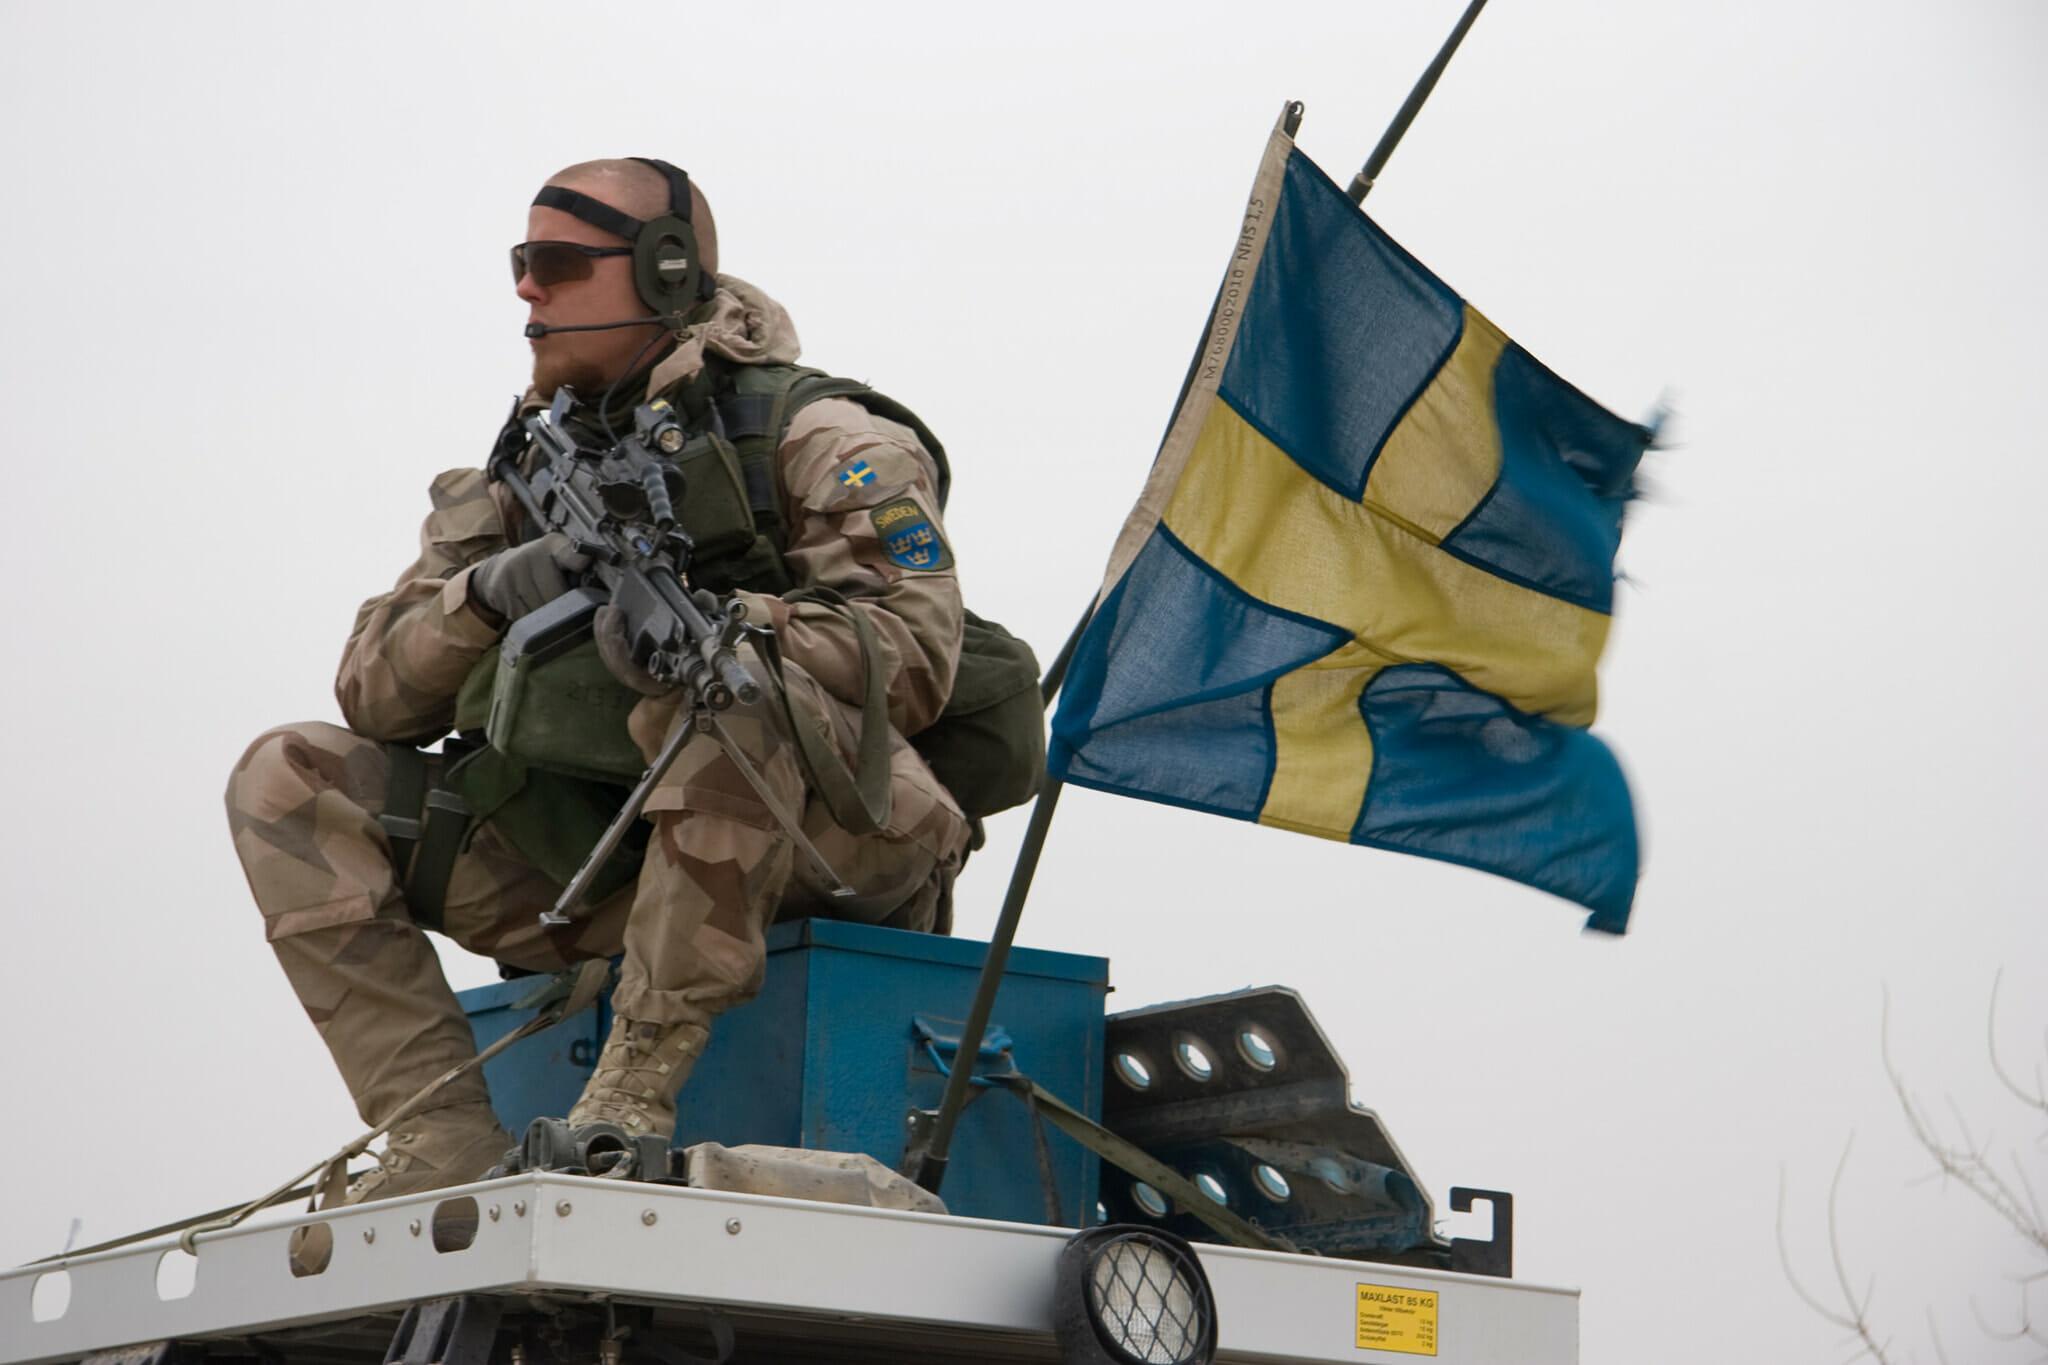 UltimaVoce tensioni tra Svezia e Russia